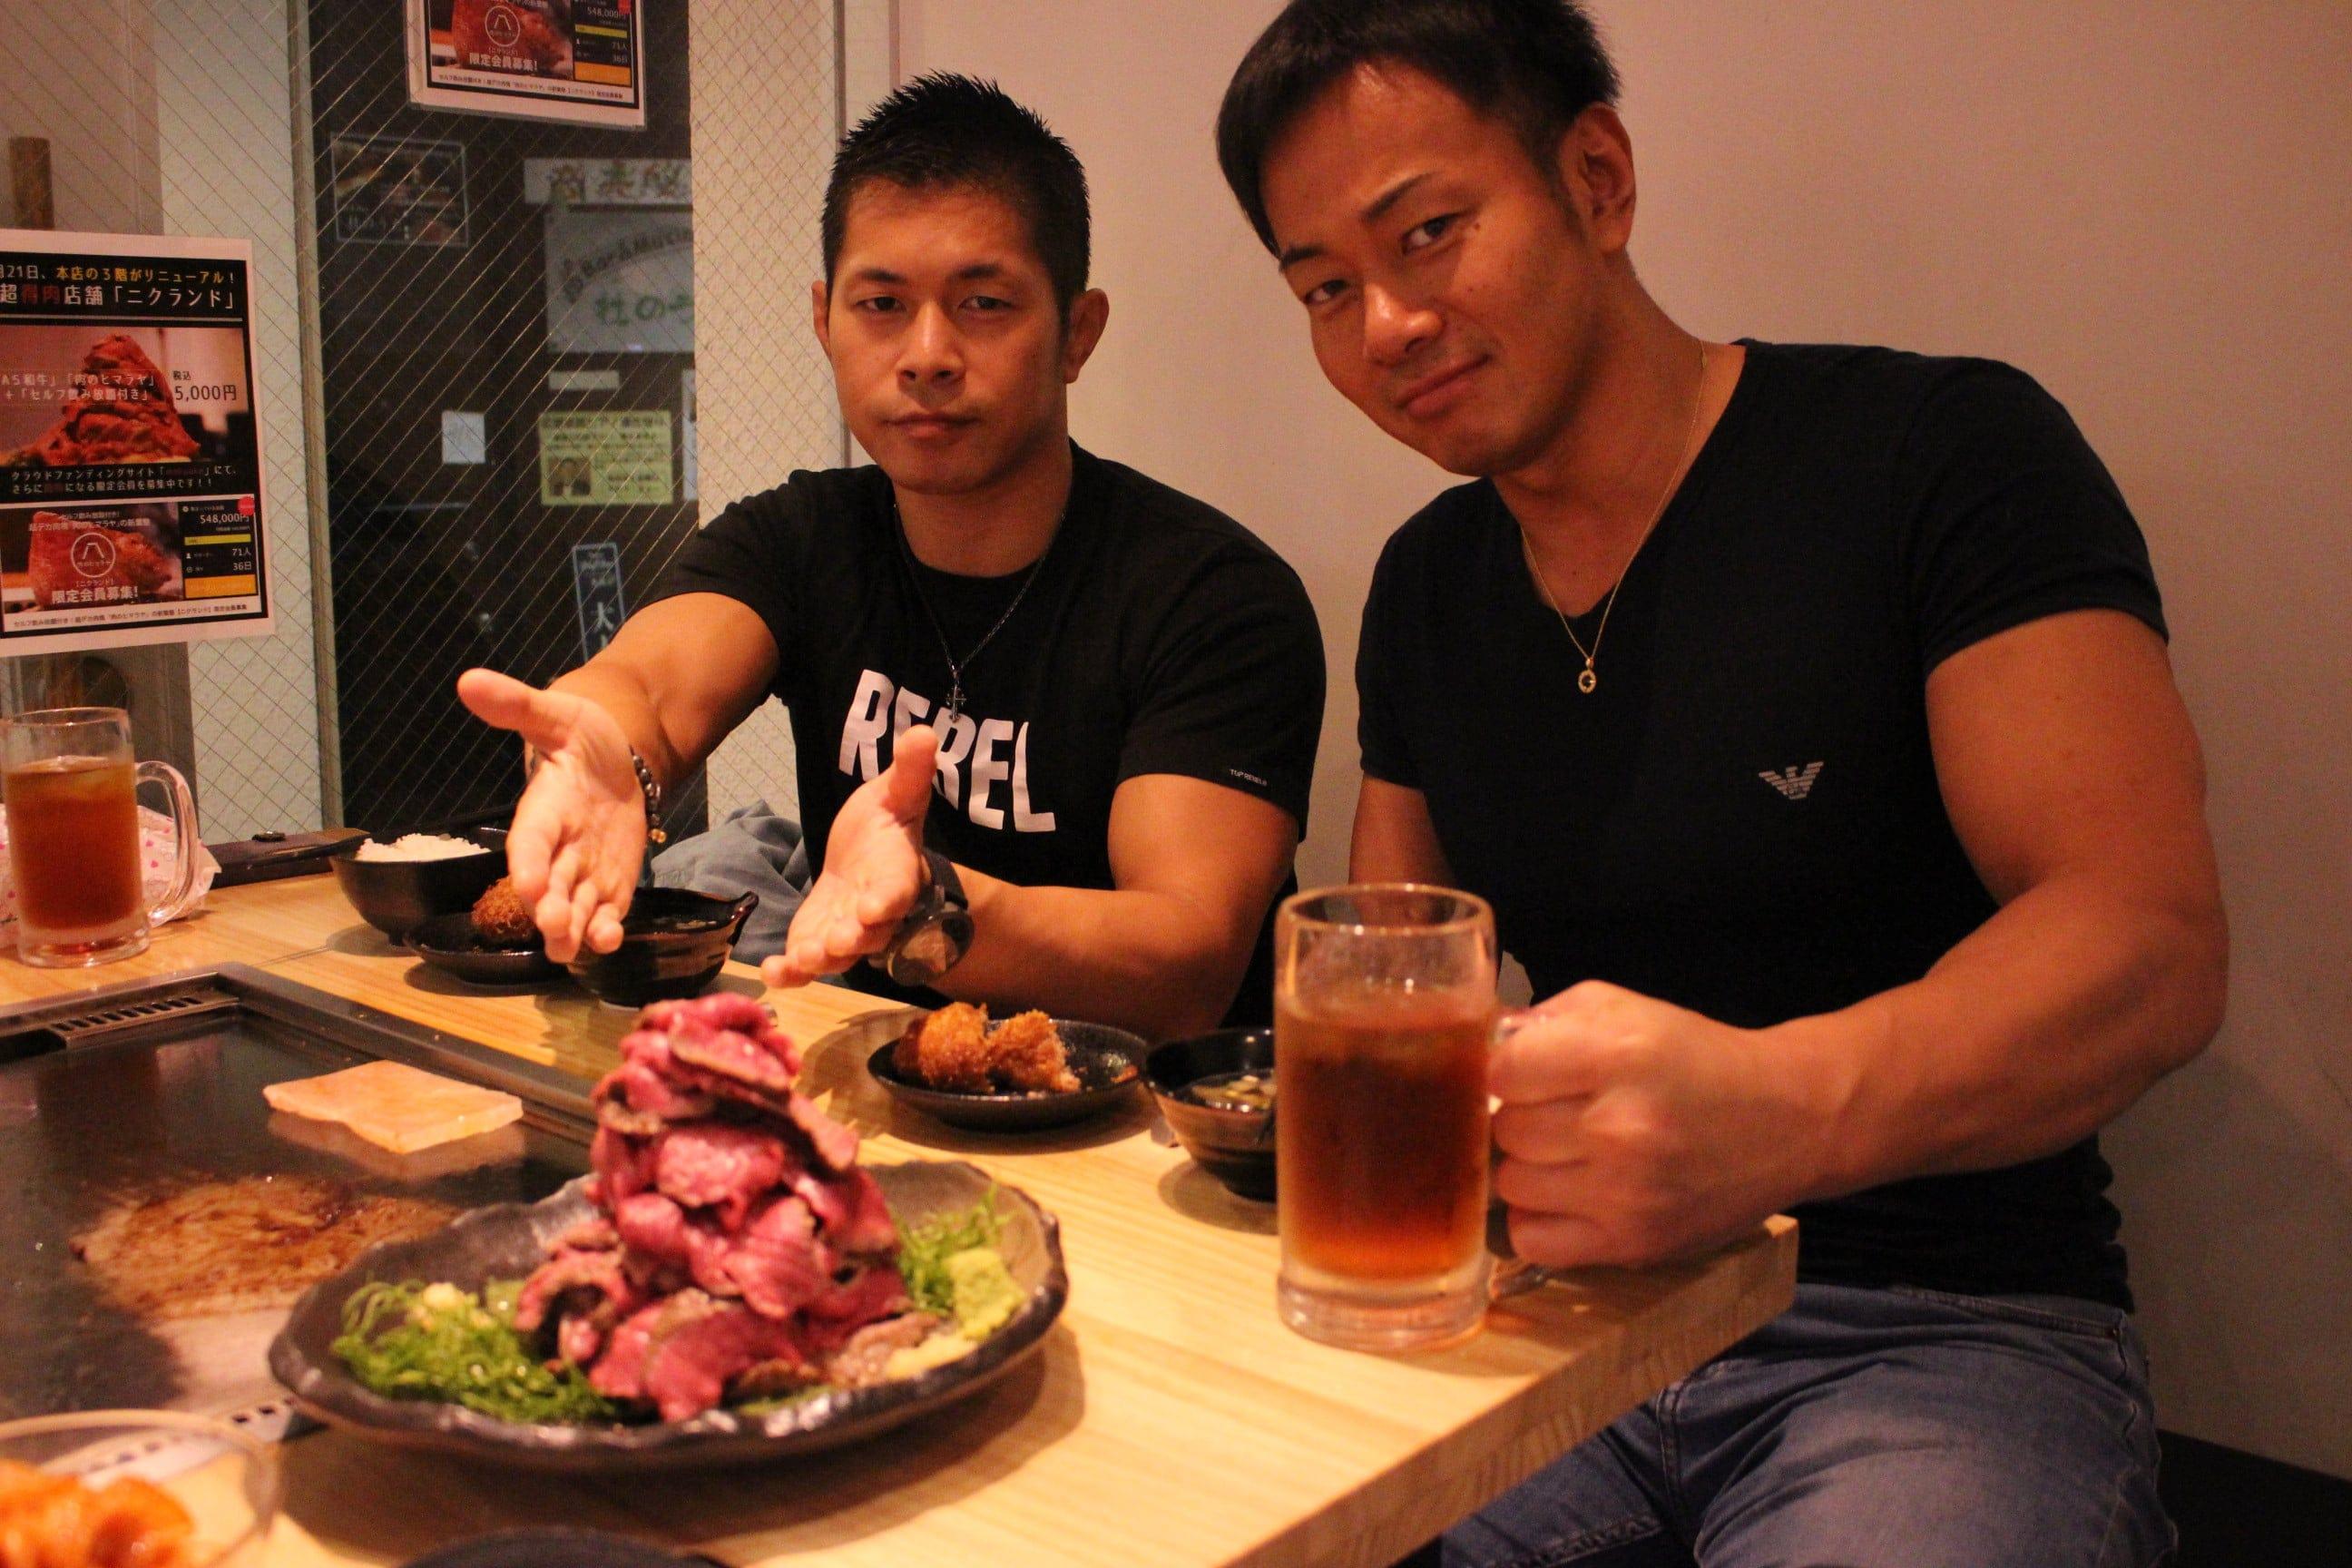 [FC会員様専用]限定20席!ドラゴンゲートディナーイベント・土井吉 in 肉のヒマラヤTEPPAN 赤坂(第二部19時30分スタート)のイメージその1